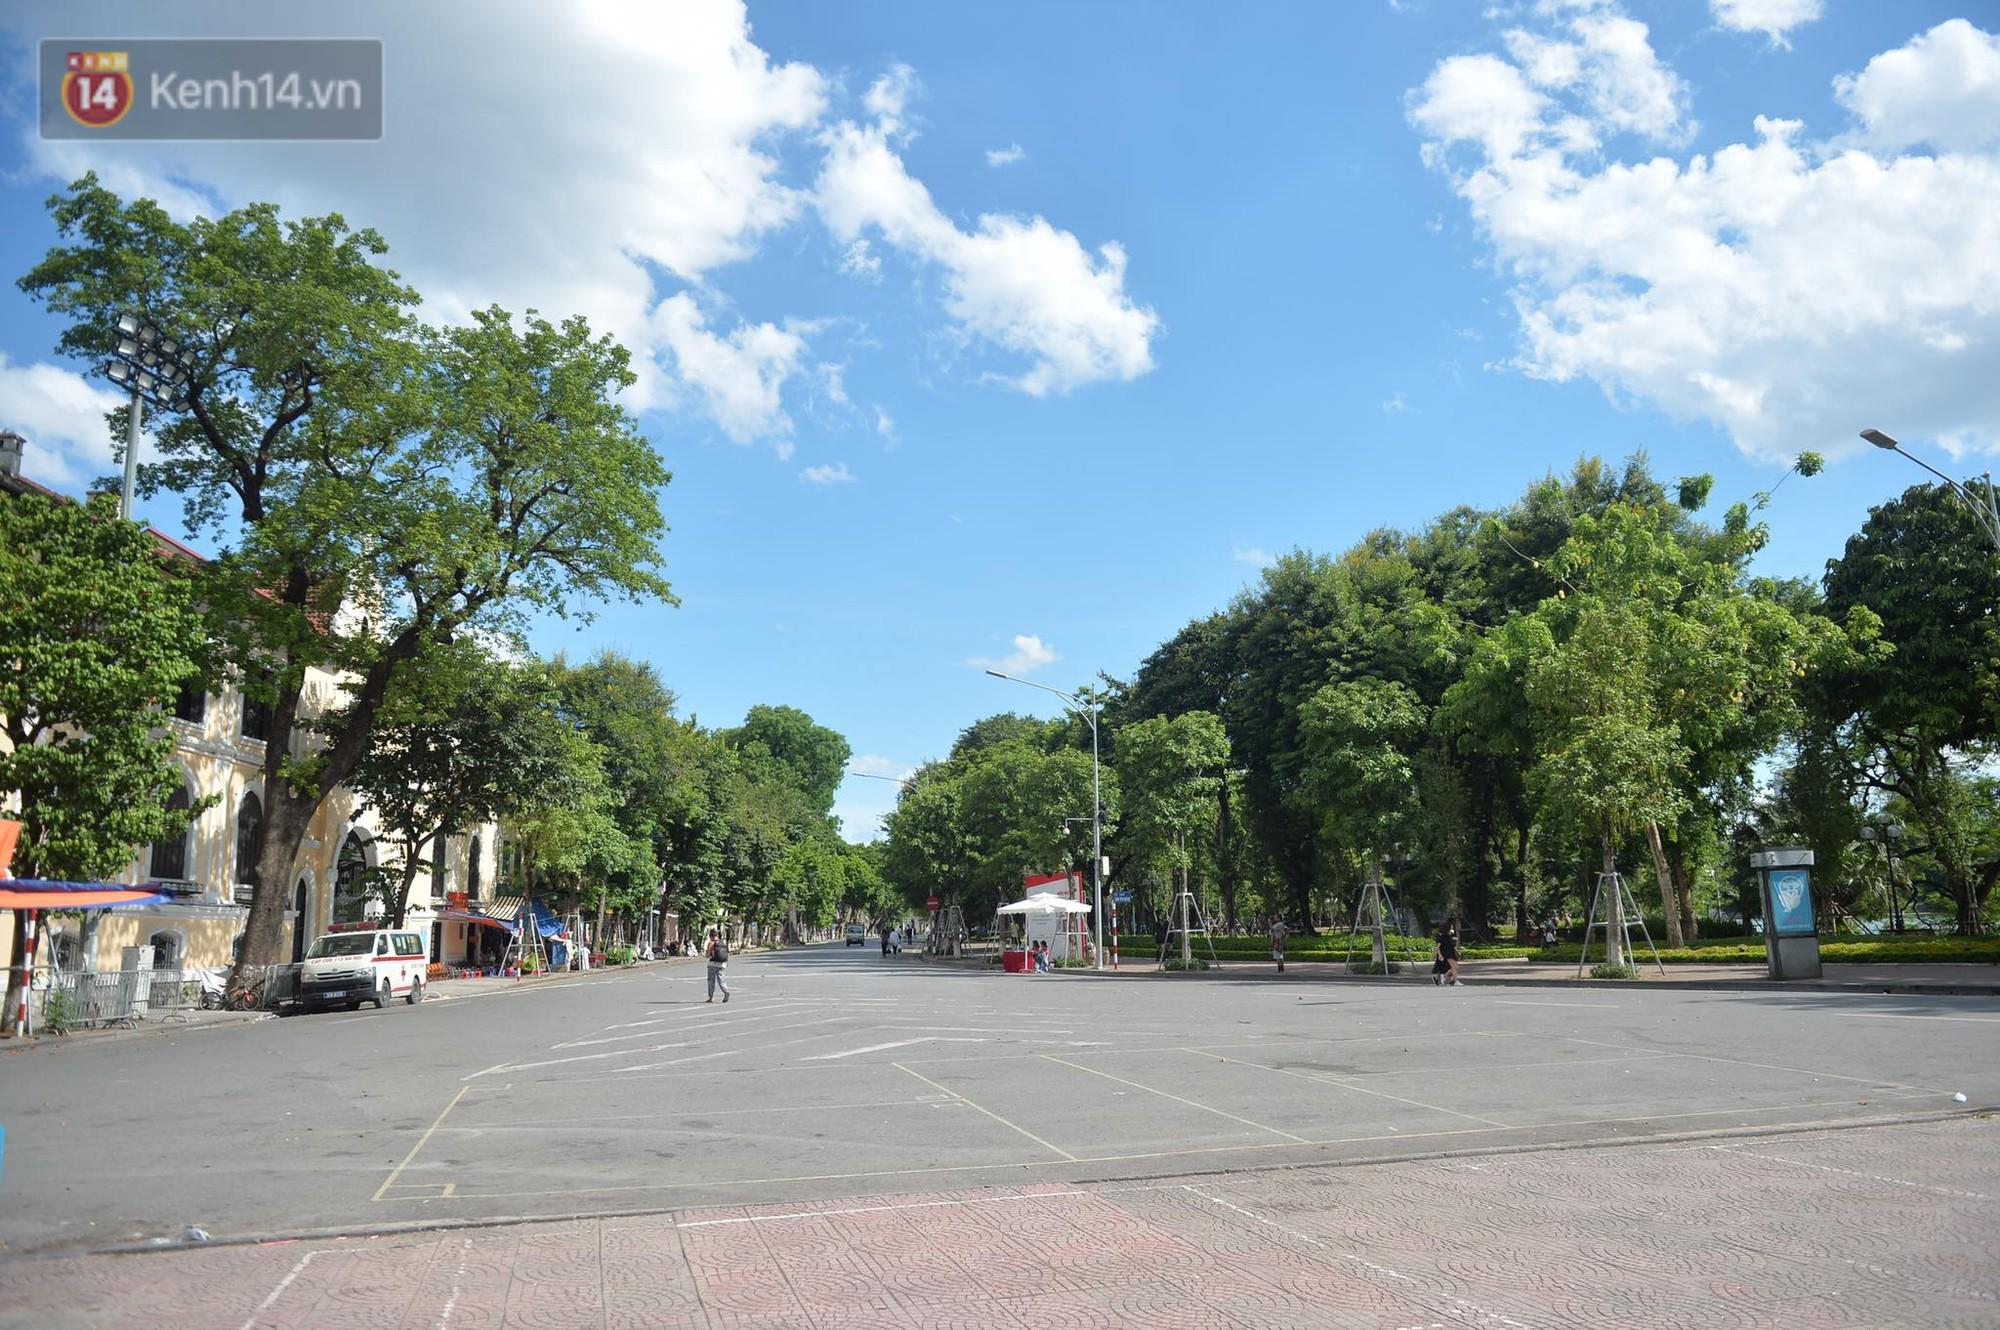 Phố đi bộ vắng tanh gần cuối giờ chiều, nhiệt độ đỉnh điểm ở Hà Nội lên tới 44 độ C - Ảnh 3.